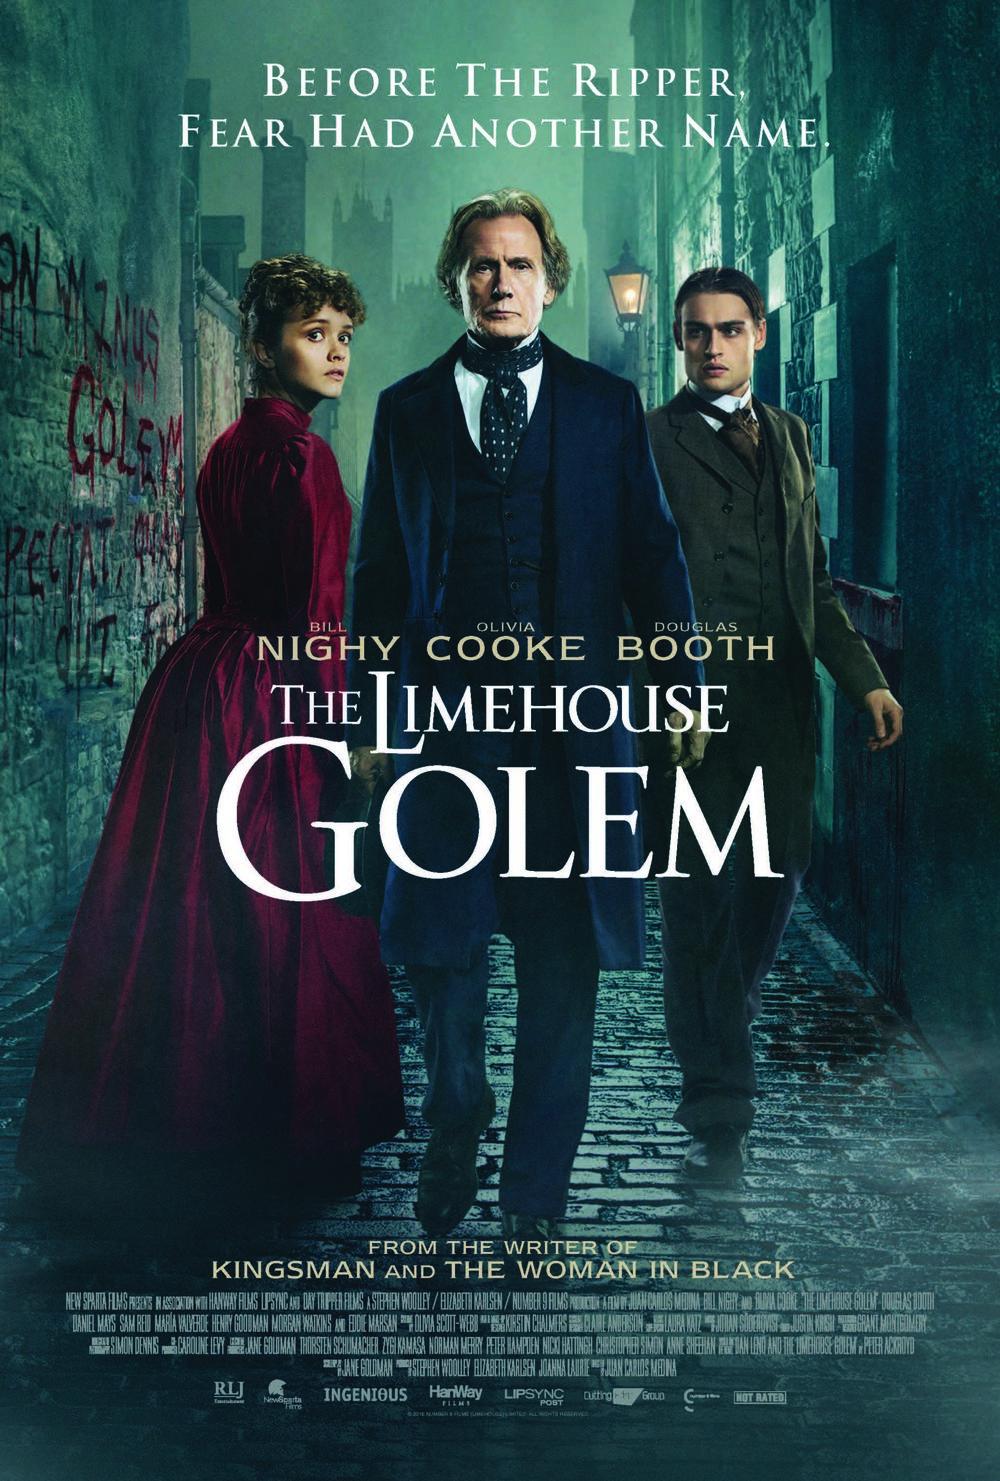 Limehouse Golem_1-sheetA_LR.jpg